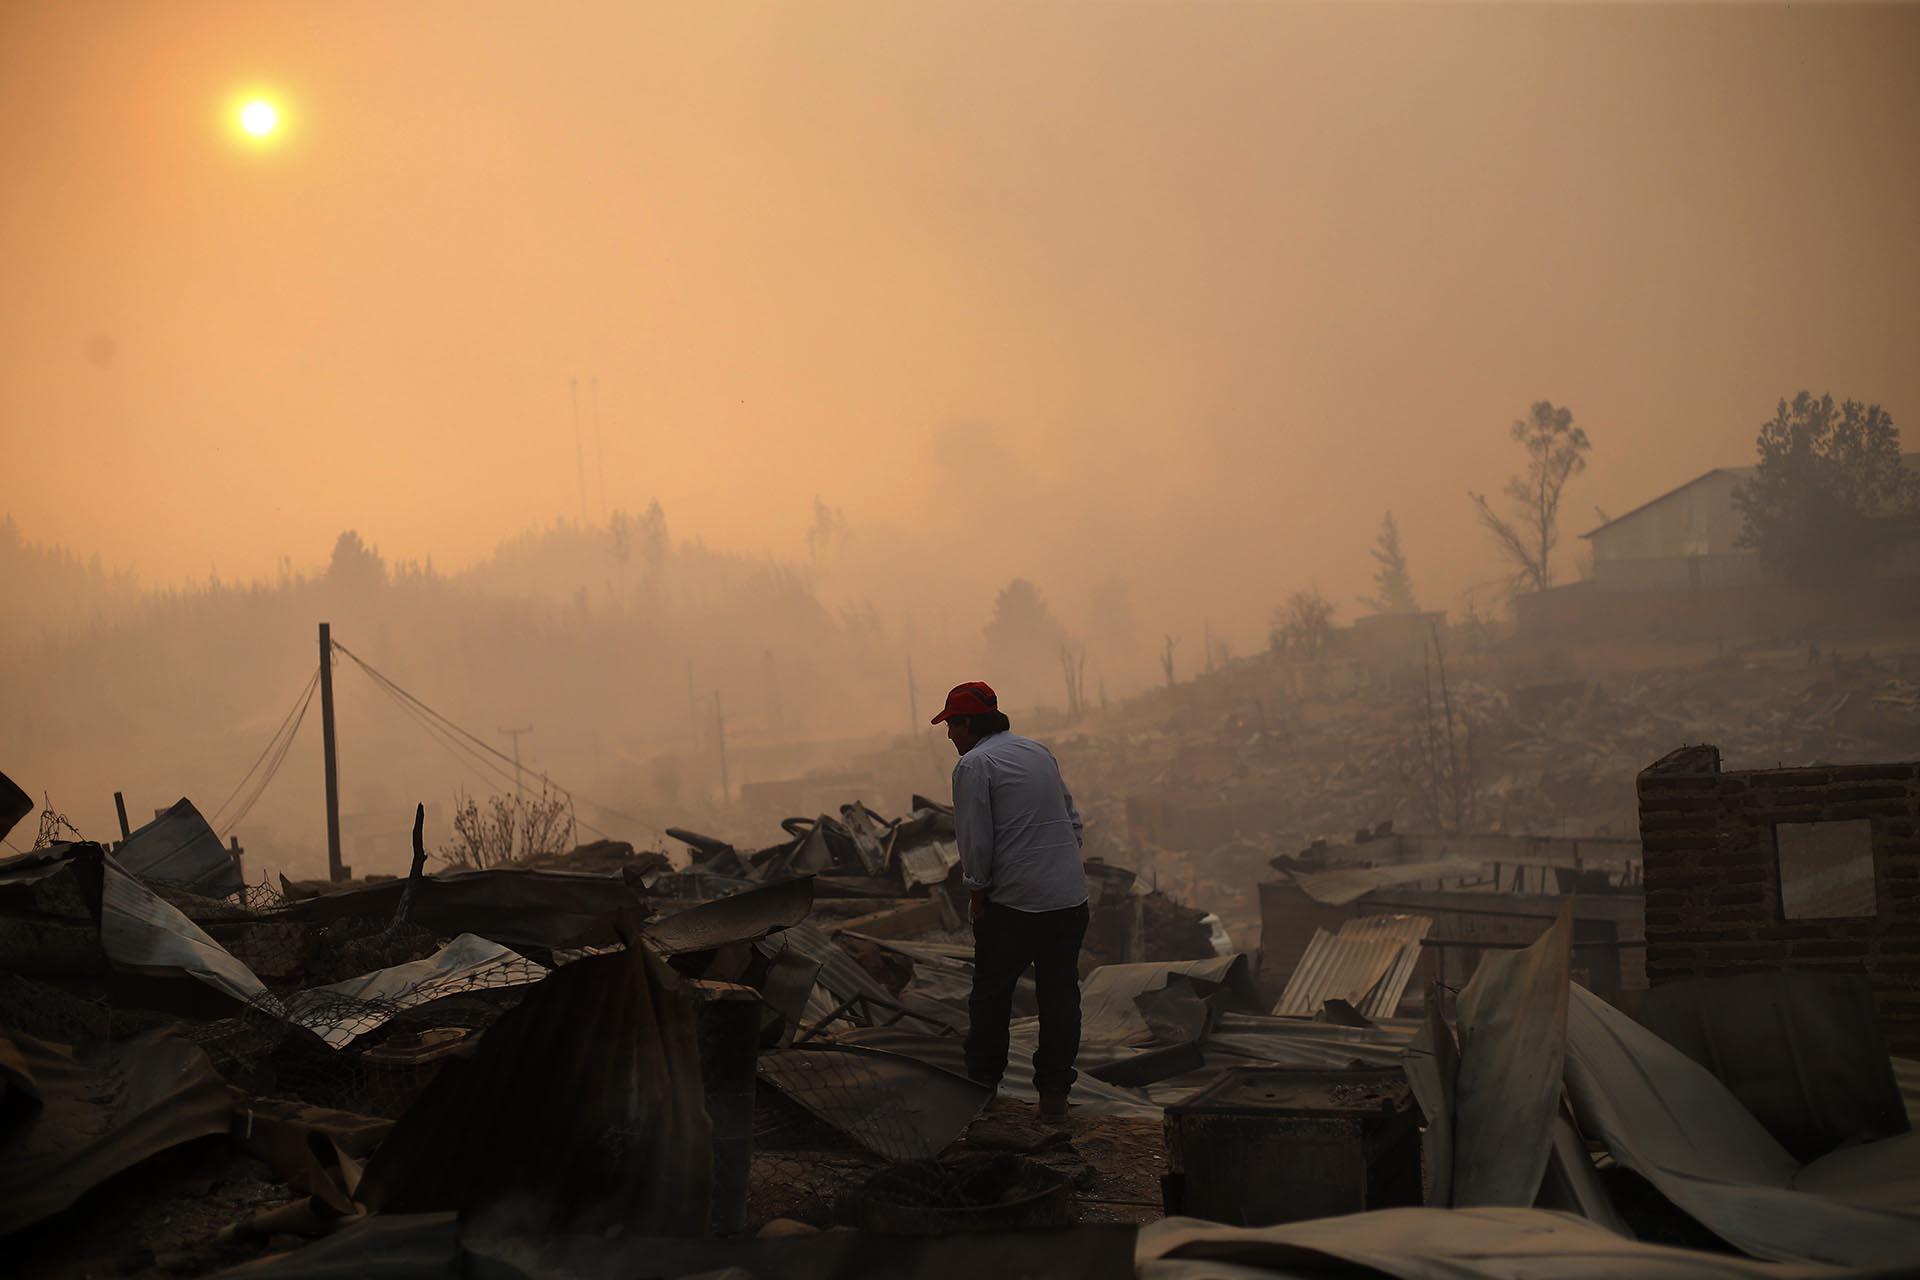 Según el Ministerio del Interior, la superficie afectada por incendios supera en más de un 2.000% el registro de la temporada pasada. Cerca de 3.000 incendios han devastado más de 381.000 hectáreas durante la temporada 2016-2017